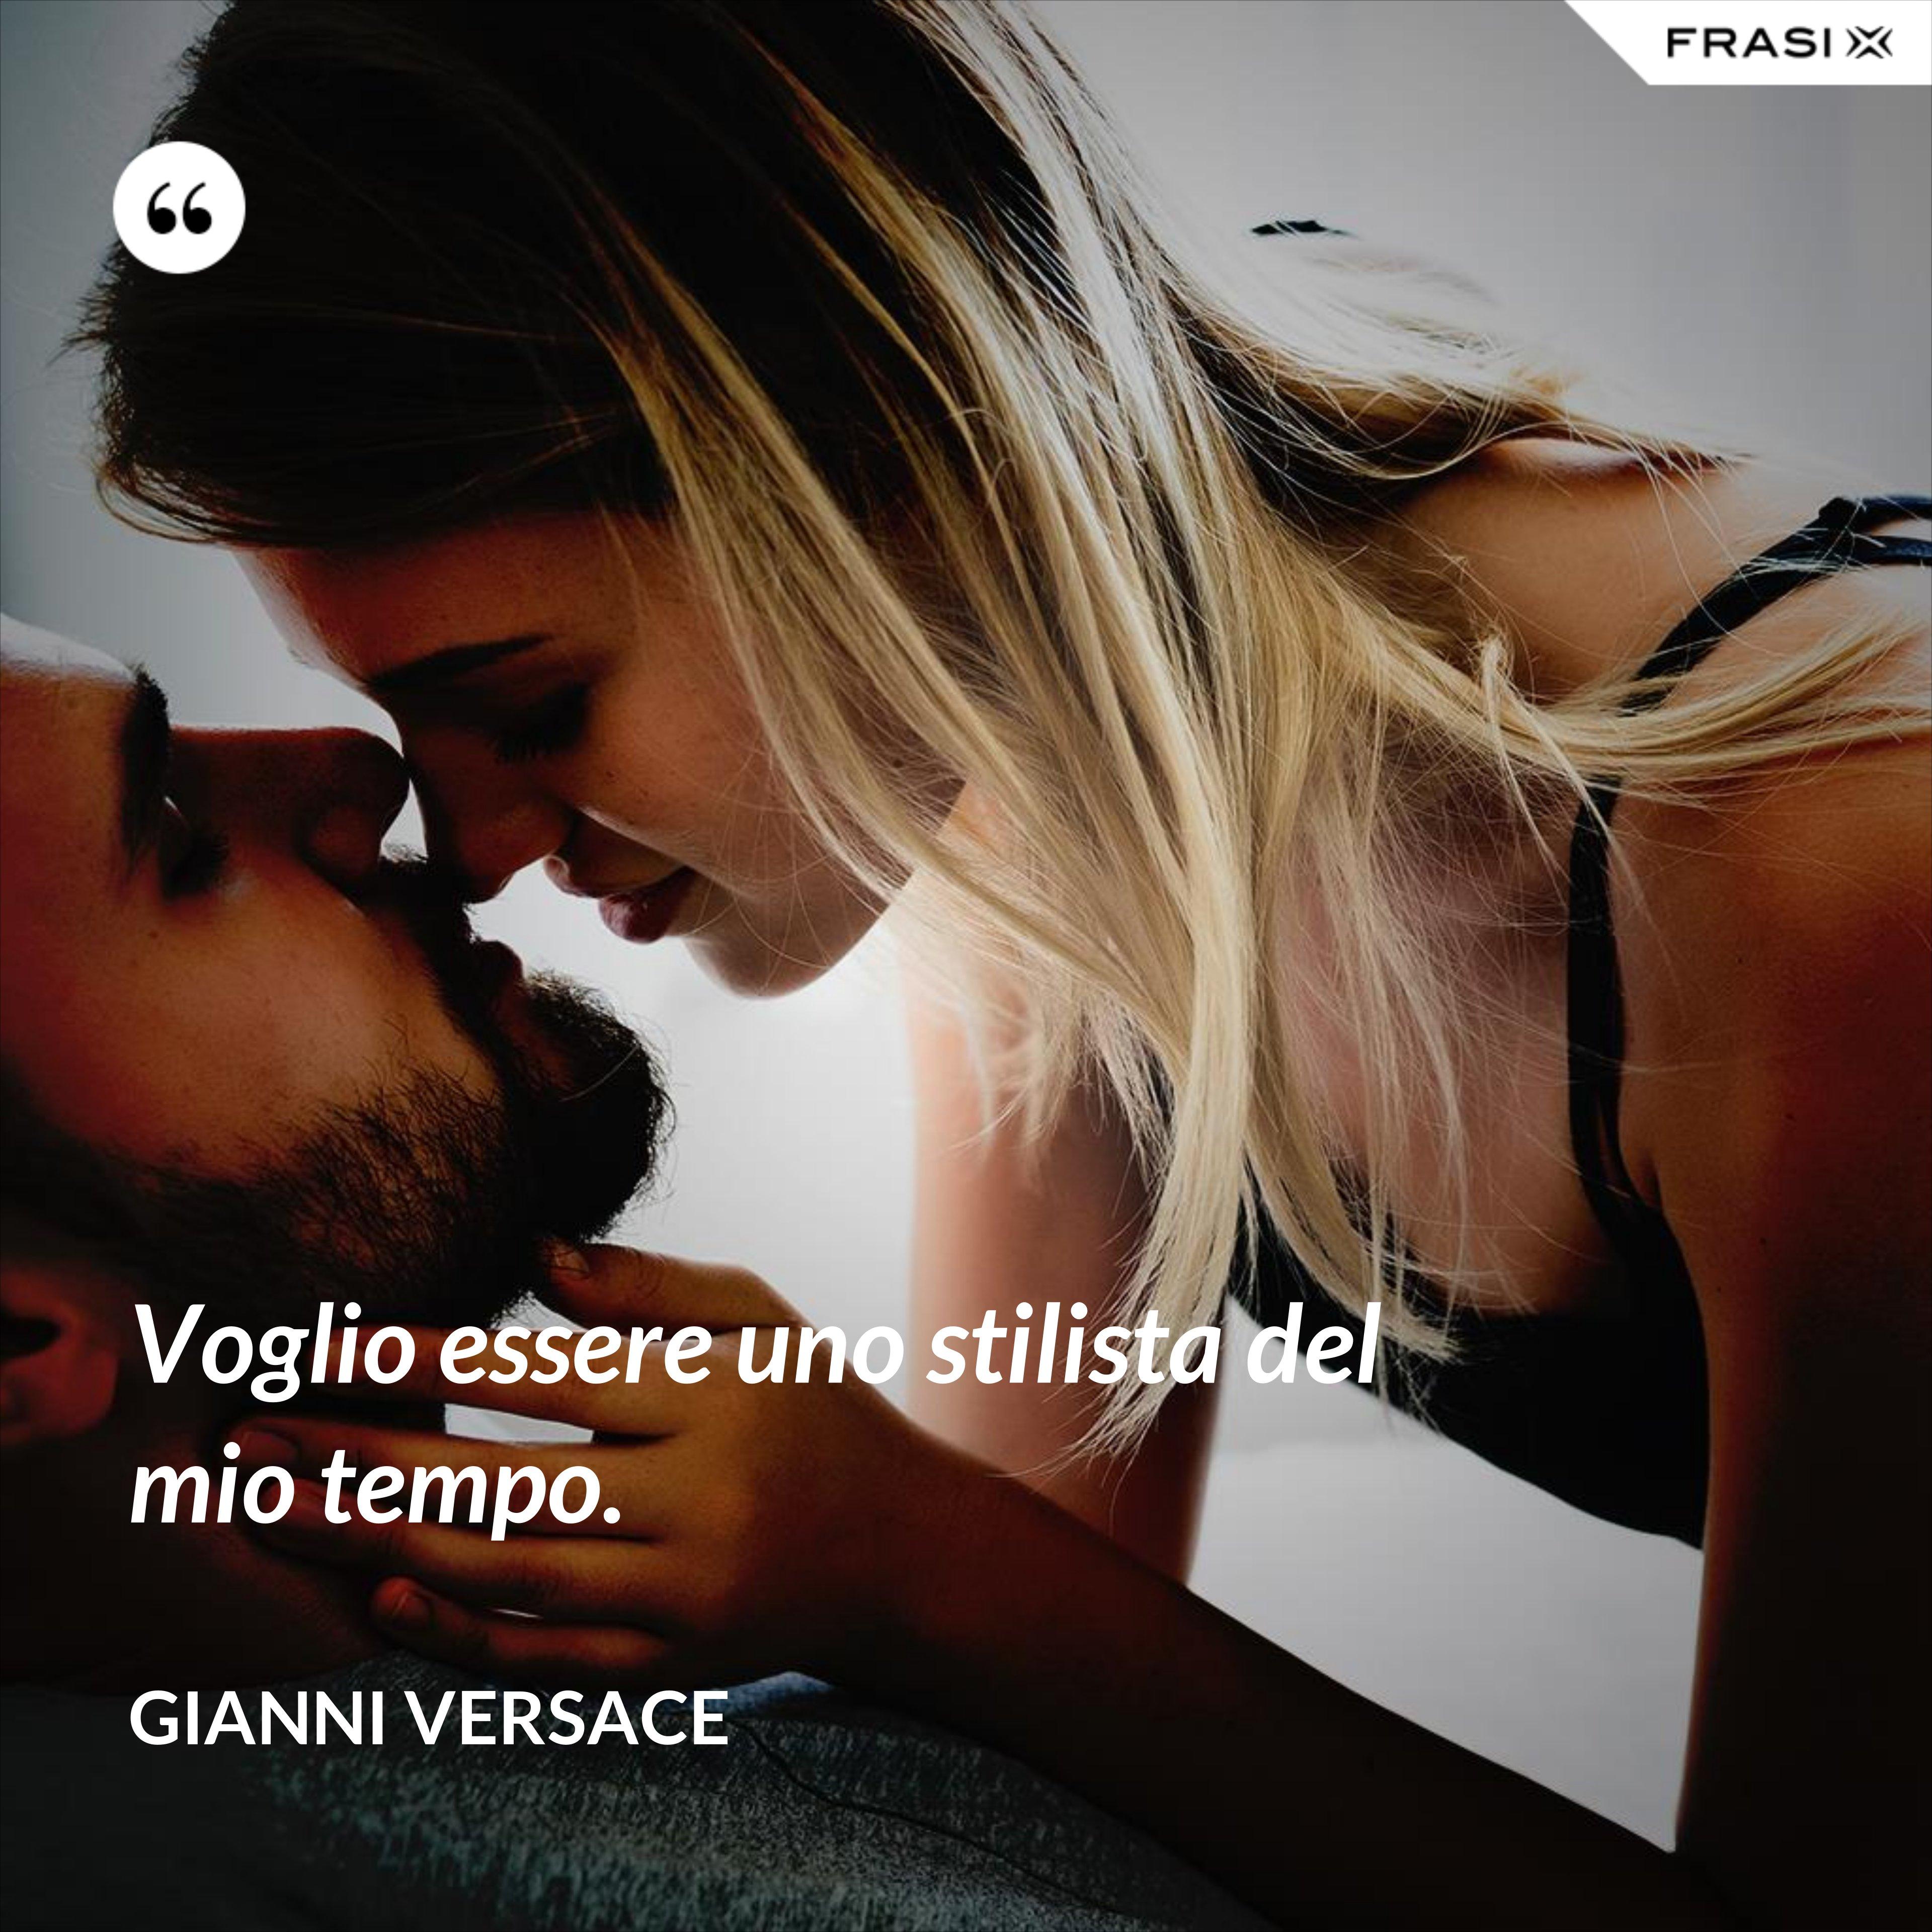 Voglio essere uno stilista del mio tempo. - Gianni Versace